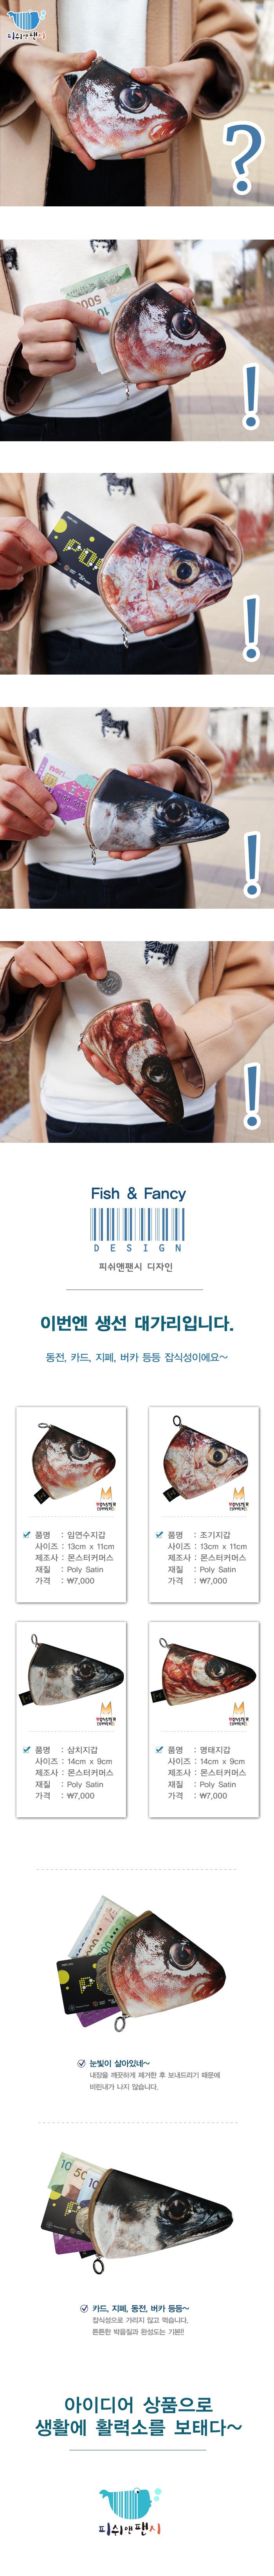 물고기 동전 지갑 - 피쉬앤팬시, 5,900원, 동전/카드지갑, 동전지갑